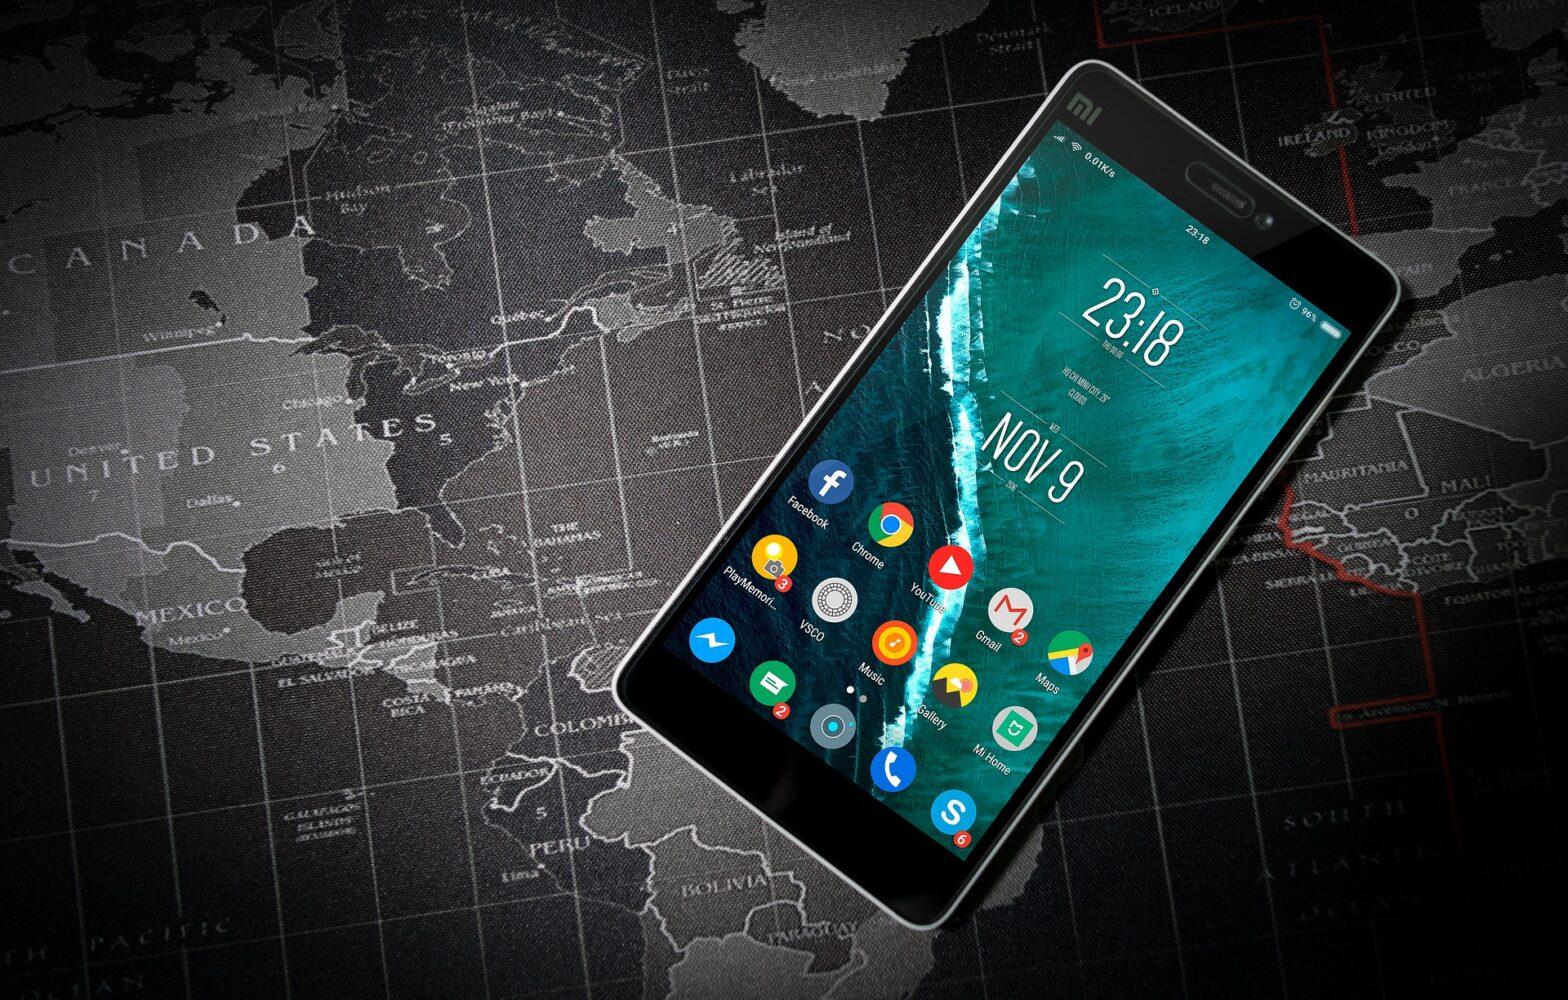 Le verrouillage de votre écran sur Android grâce à Netflix